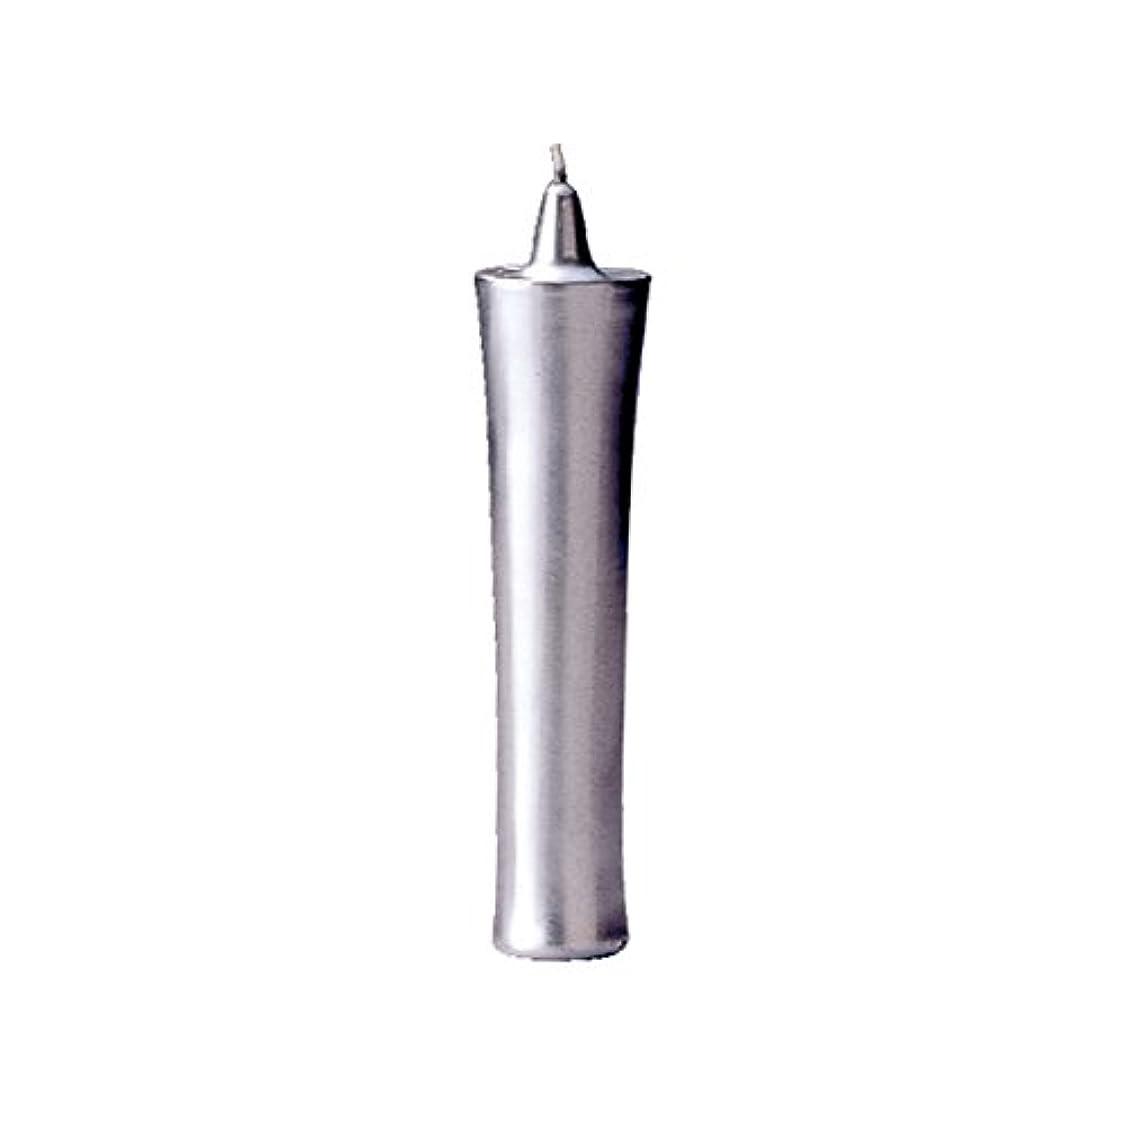 抜け目のない案件生態学カメヤマ 和ロー型(C)銀 22cm (1セット)